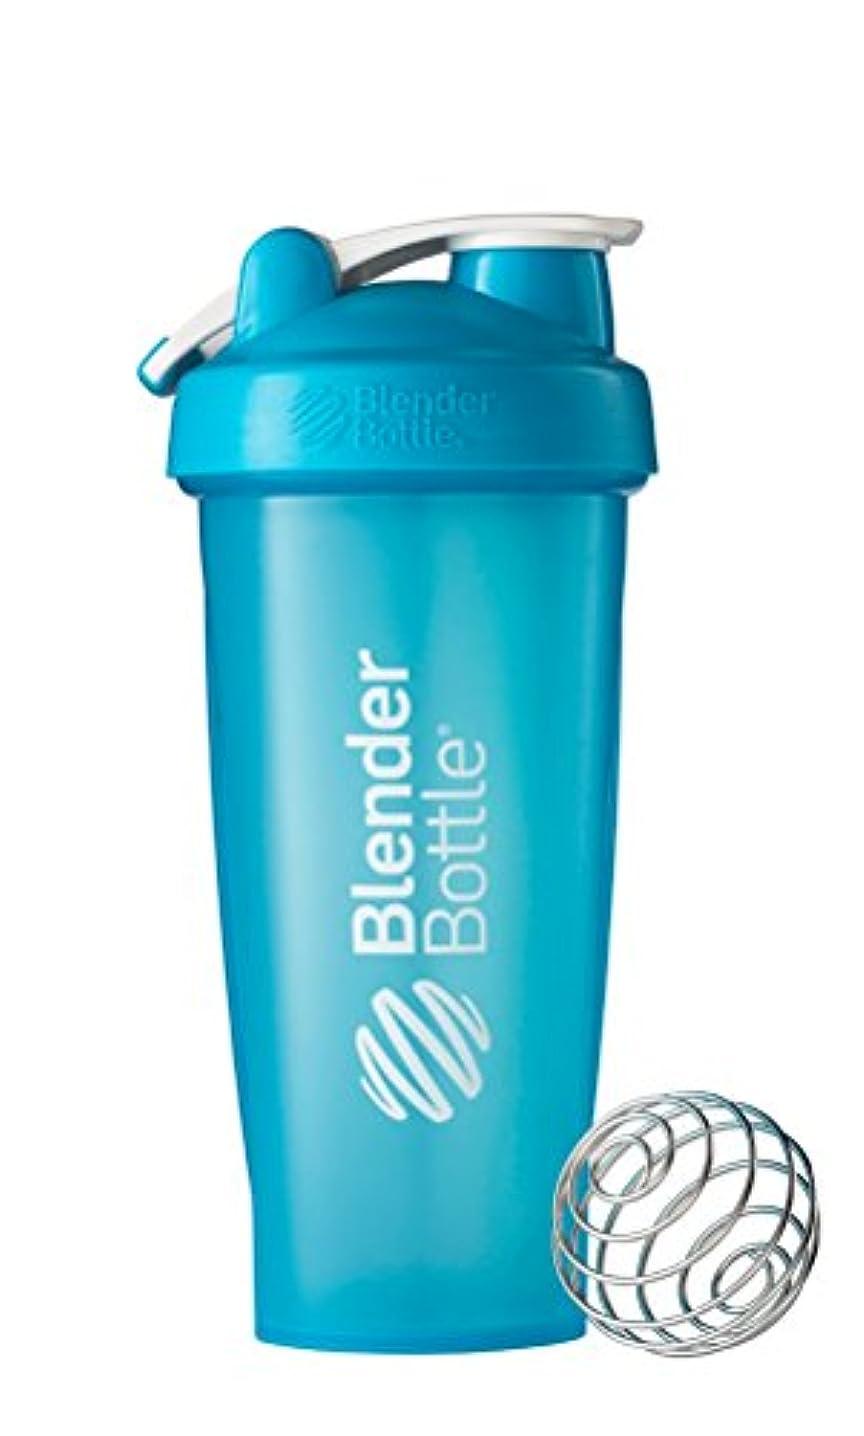 入射警察署反対したBlender Bottle - ループ フルカラー アクアと古典的なシェーカー ボトル - 28ポンド Sundesa で